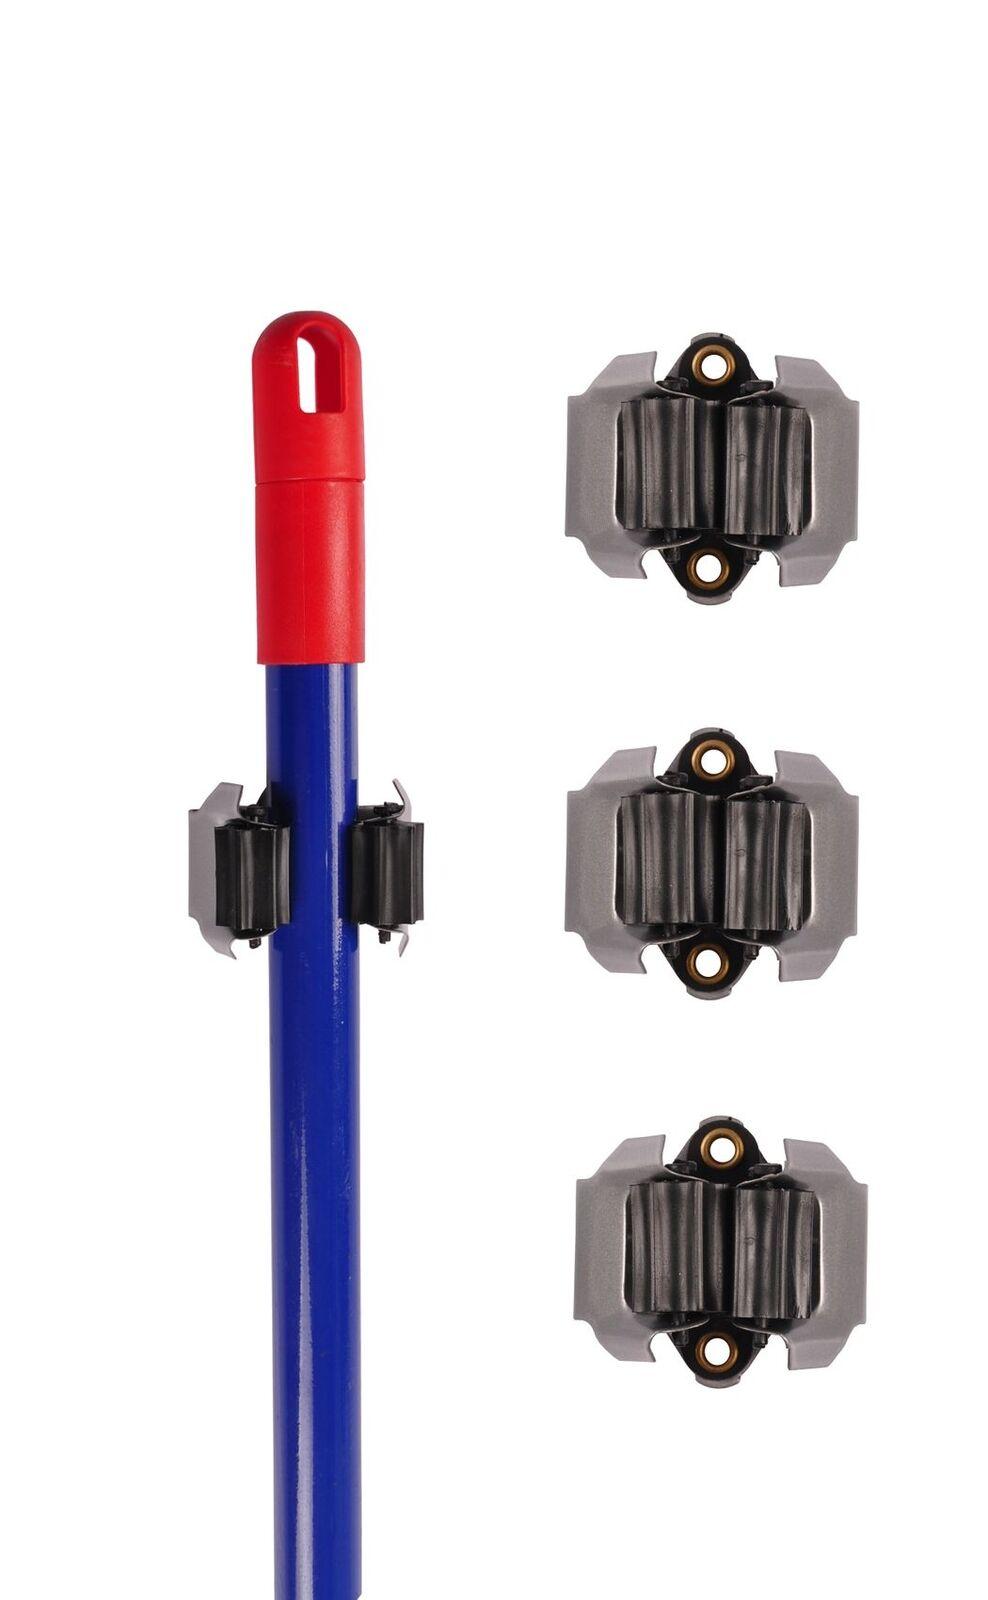 Gerätehalter 3er-Set Wandhalter für Gartengeräte Besenhalter Gerätehalterung